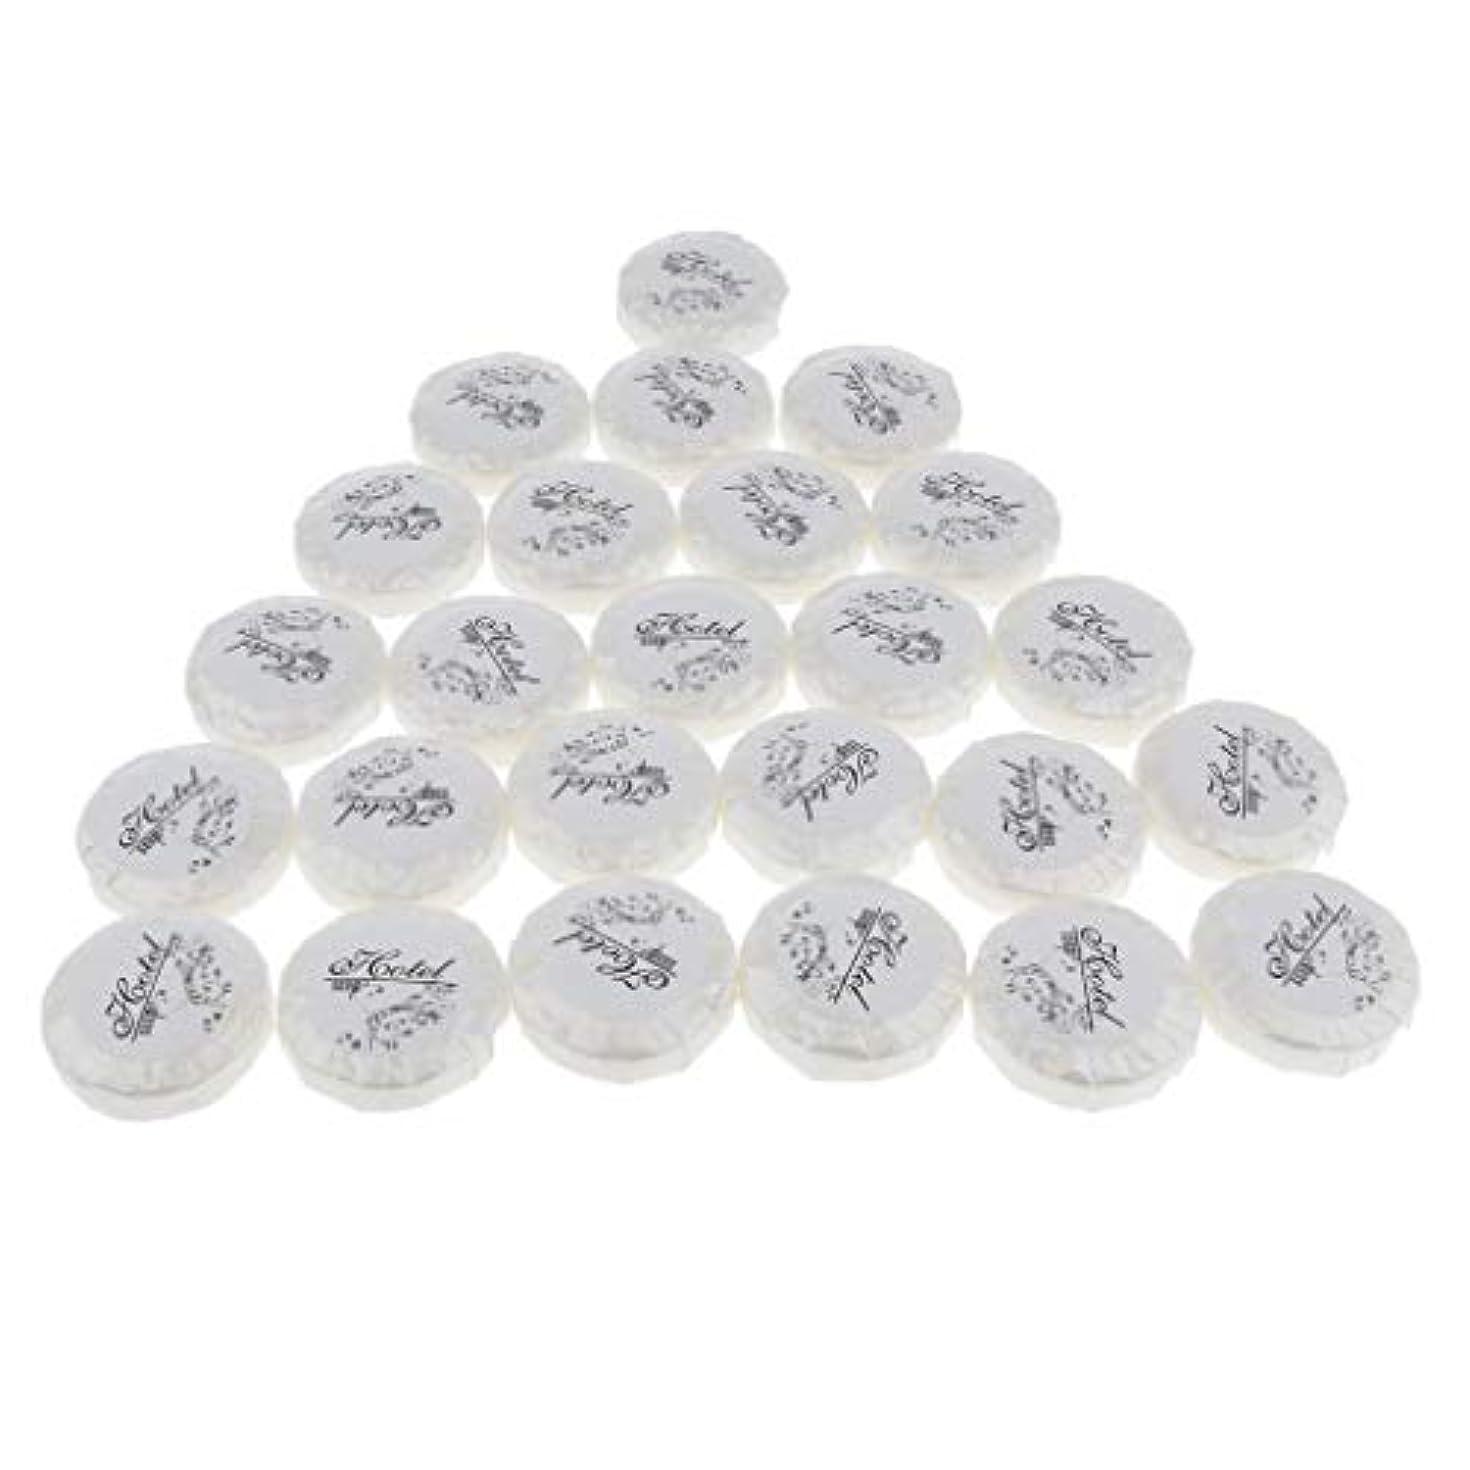 購入早める大佐Hellery 石鹸 無添加 洗顔石鹸 植物油 軽い香り 清潔 リフレッシュ ミニサイズ 携帯 旅行用 約150個 - 11g